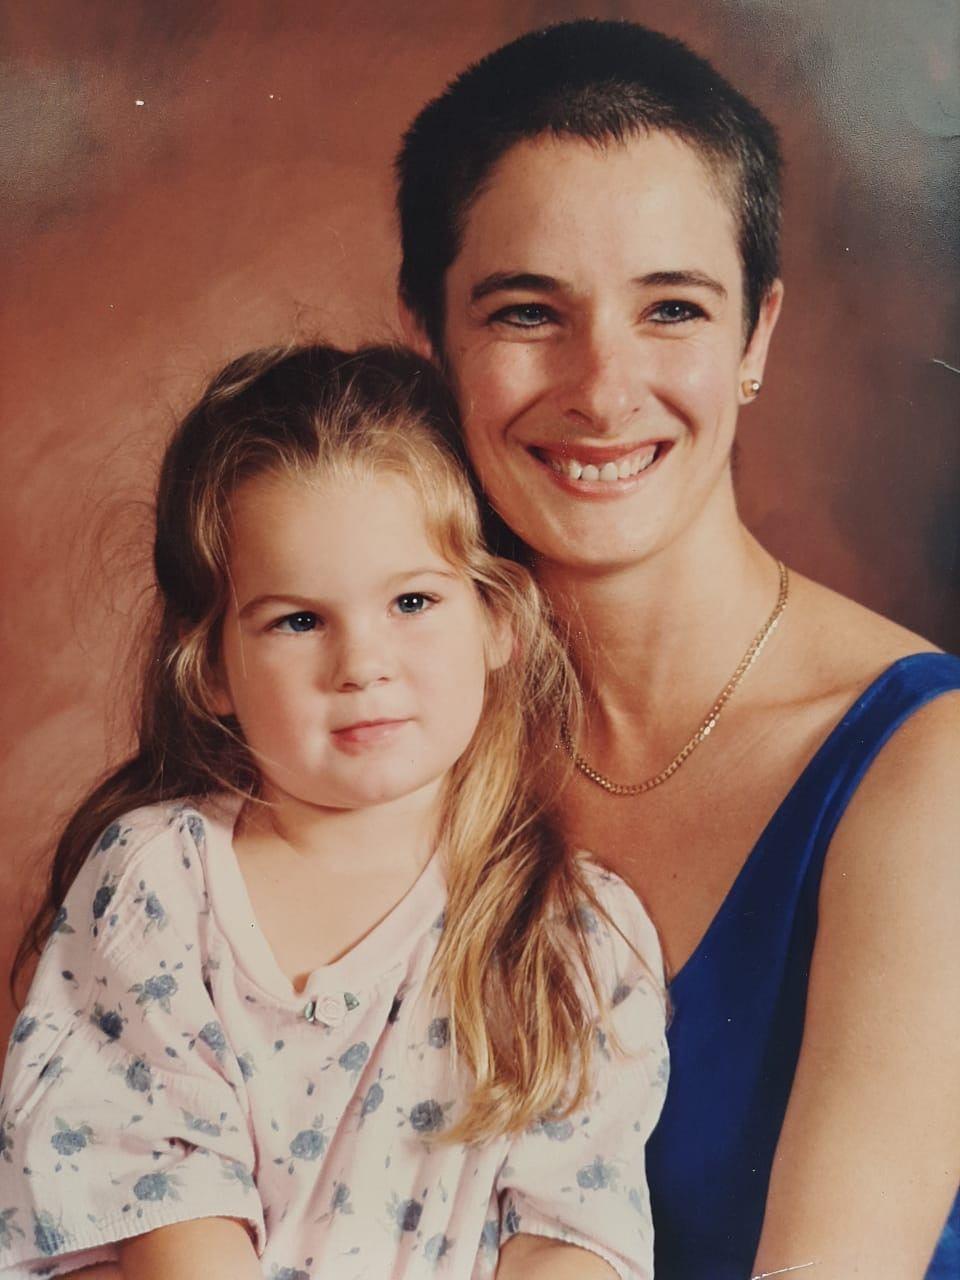 Photo d'une mère et de sa fille. Fille avec des cheveux blonds mi-hauts, mi-bas et femme avec des cheveux bruns courts.